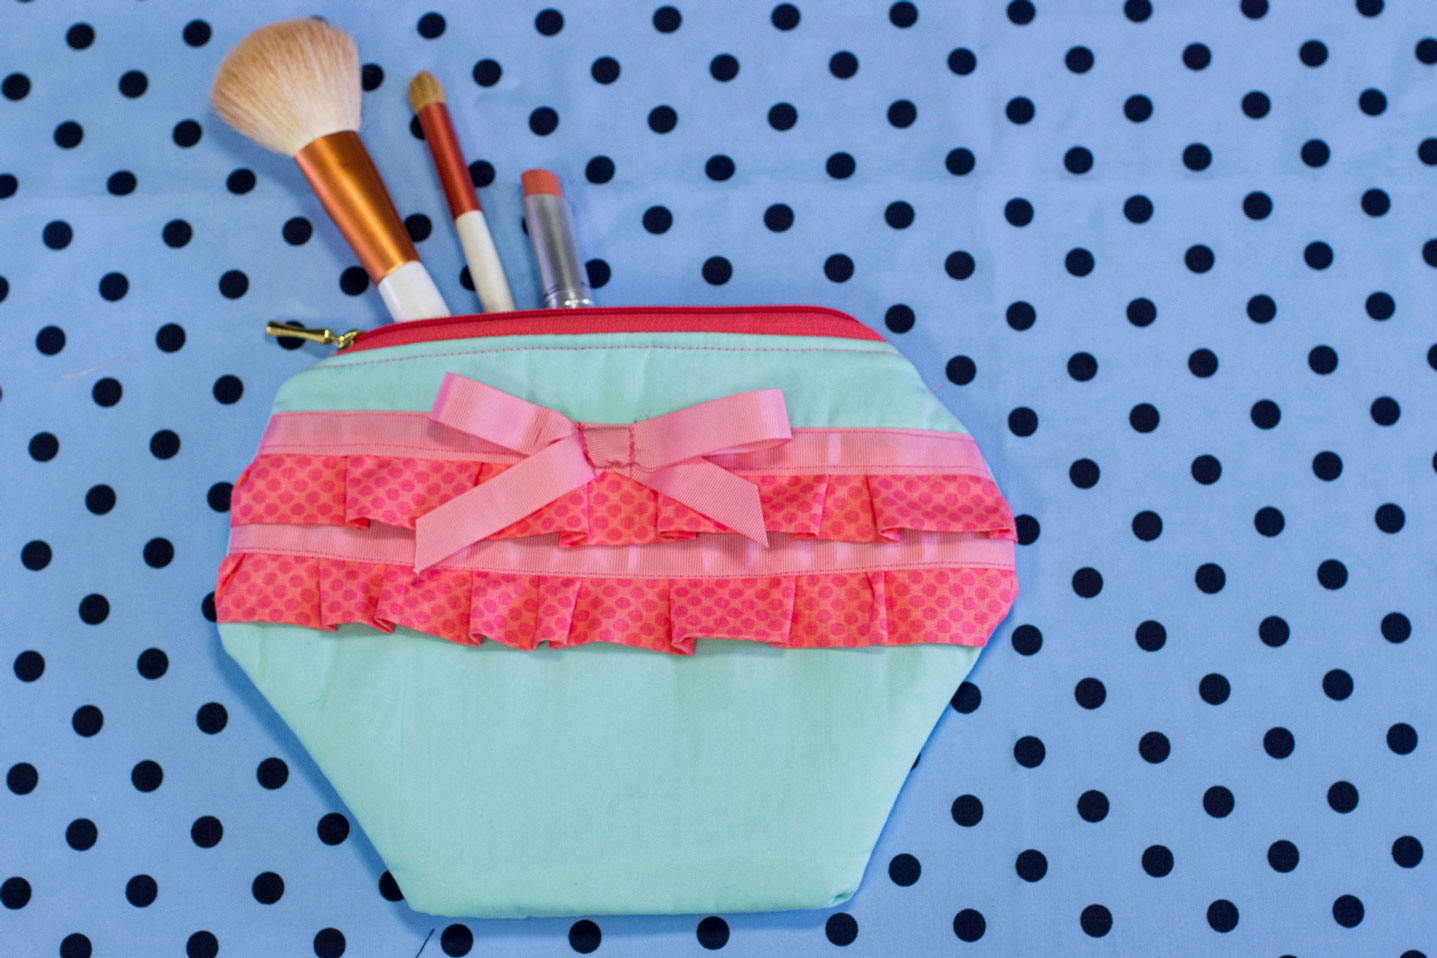 Artesanato Sustentável O Que É ~ Faça e venda essa linda nécessaire em tecido